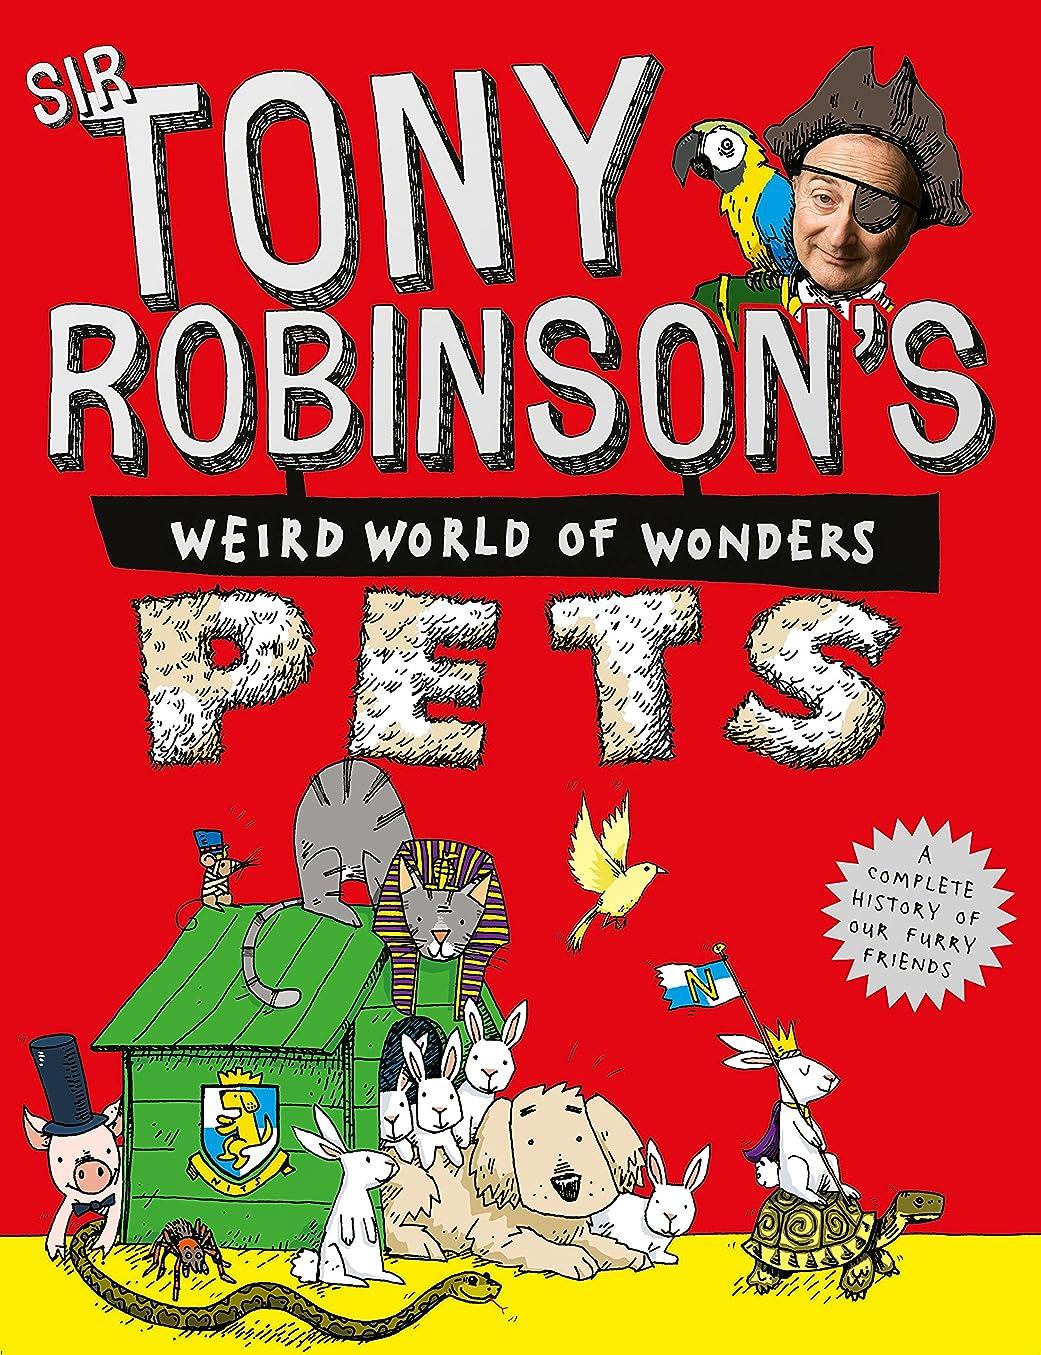 肥満柔らかさプレーヤーPets (Sir Tony Robinson's Weird World of Wonders Book 7) (English Edition)